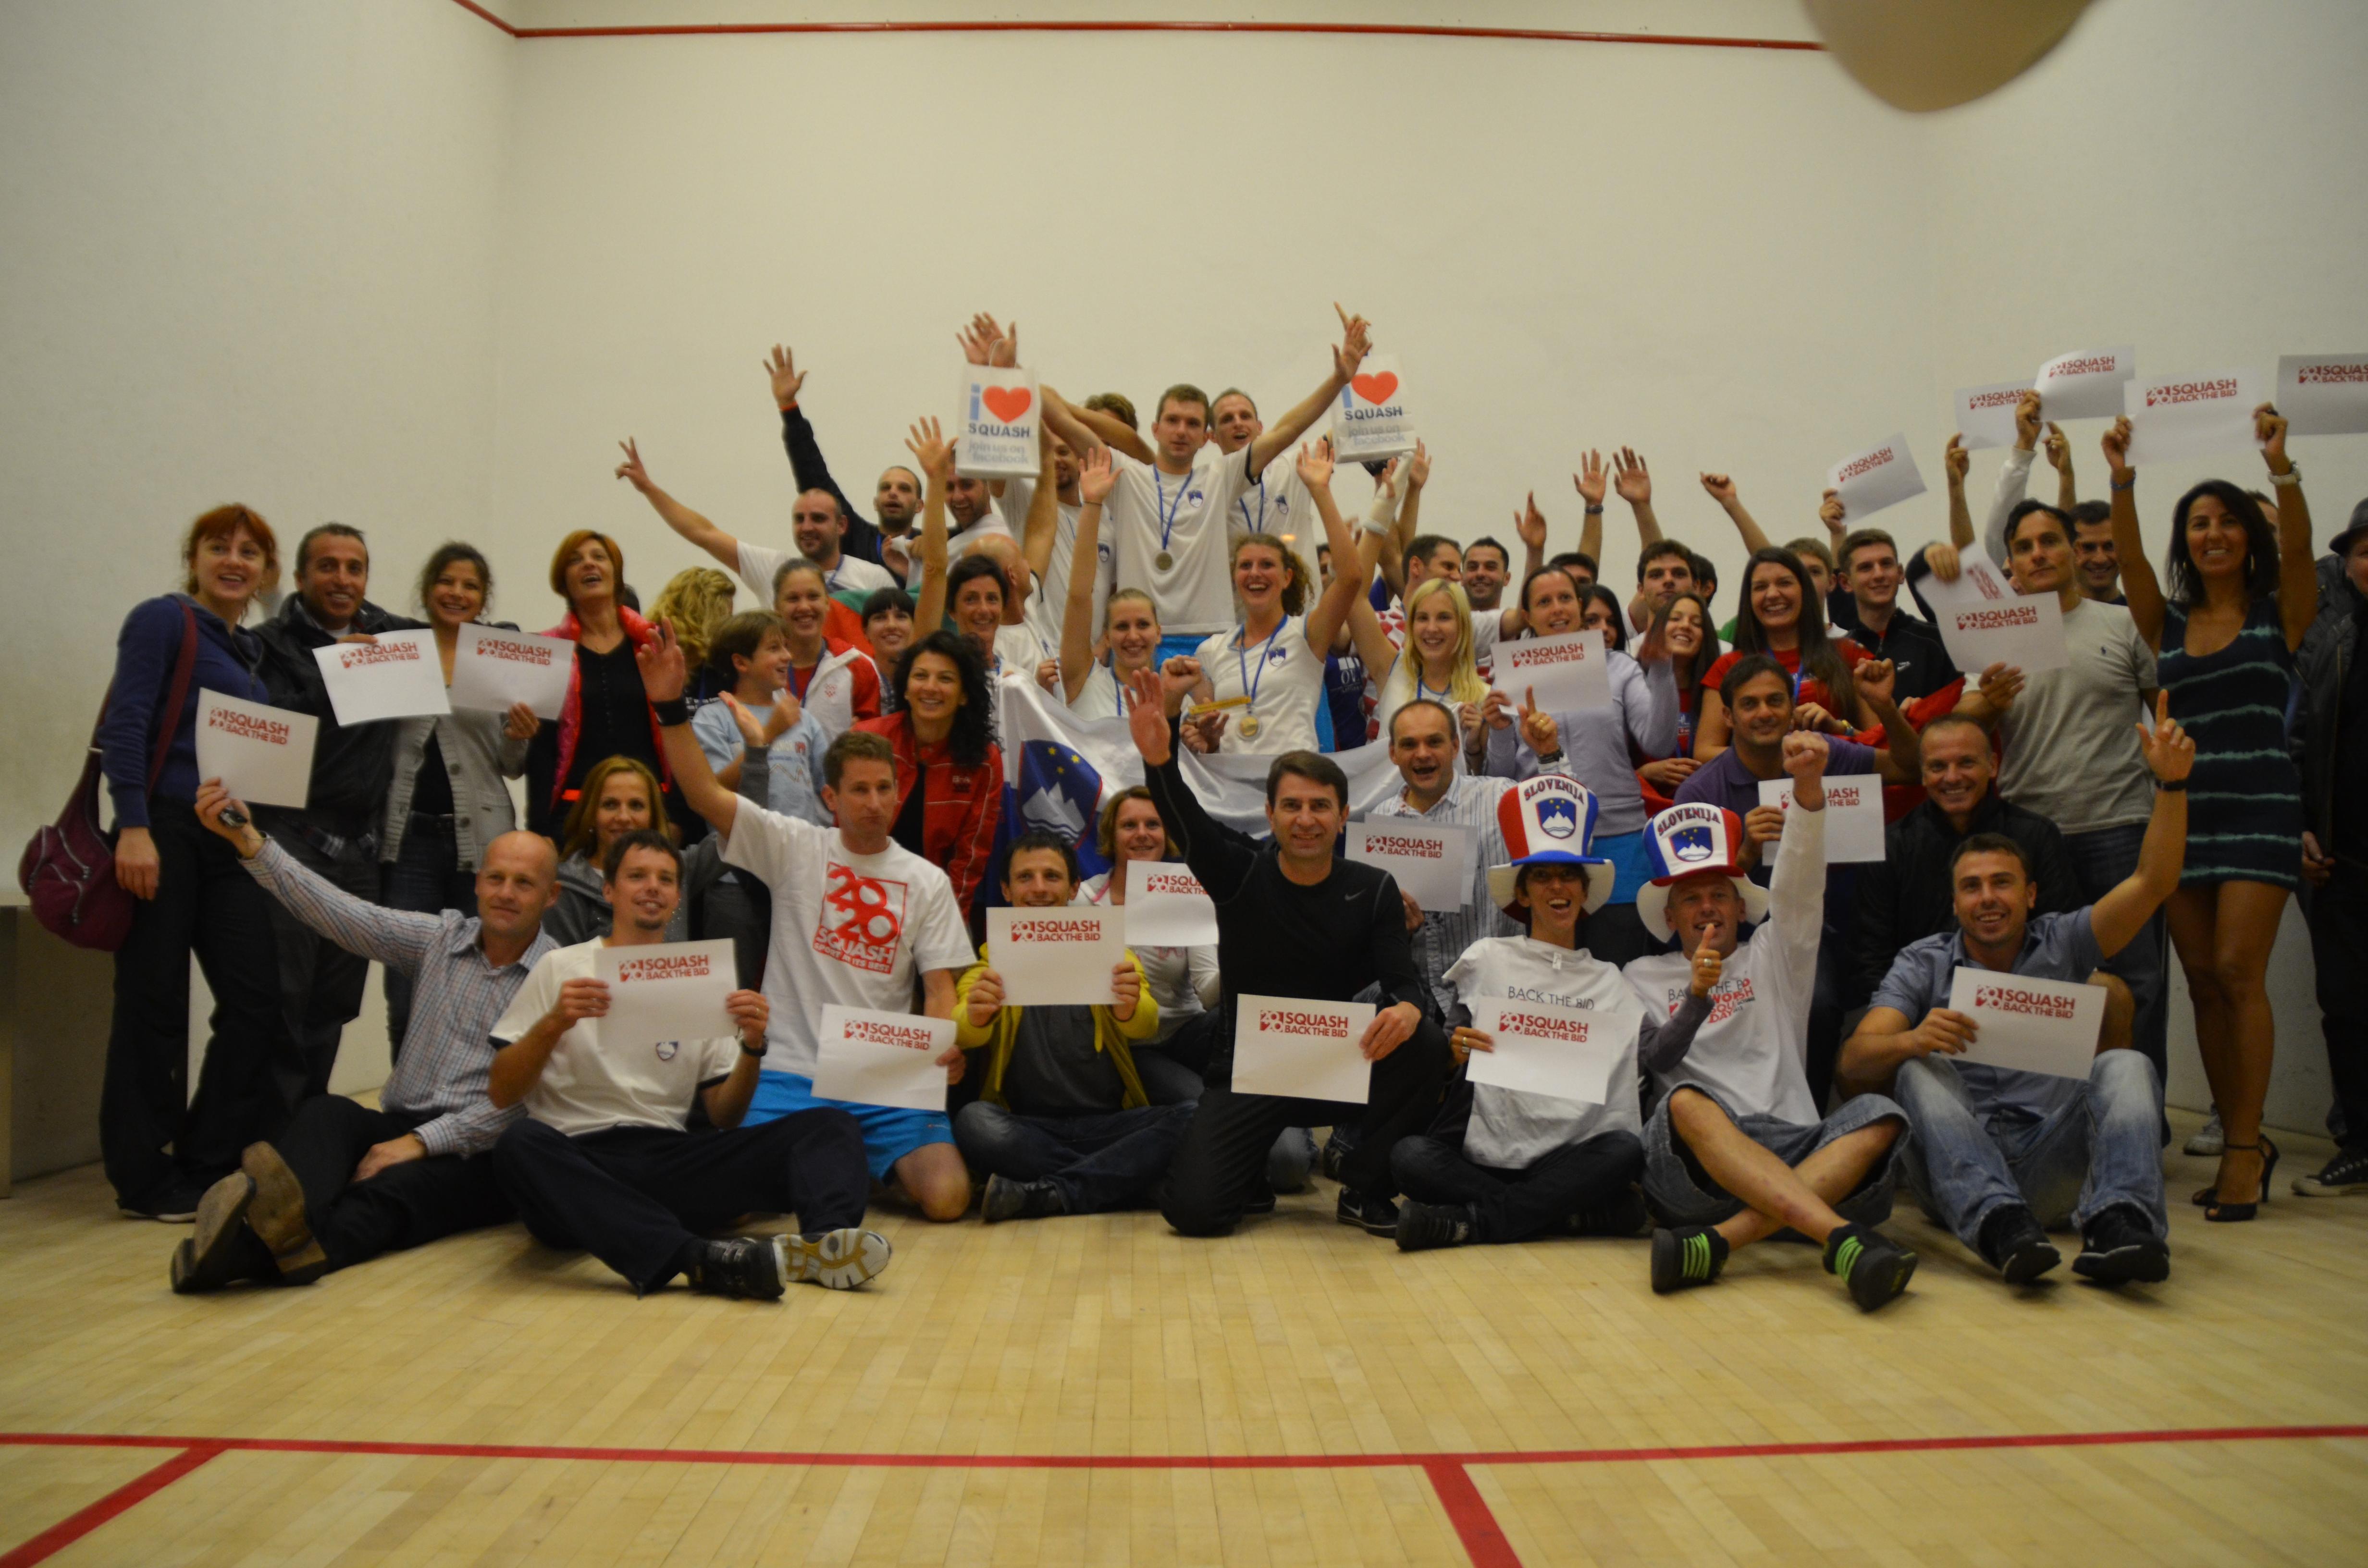 BackTheBid2012: Balkan is ready!